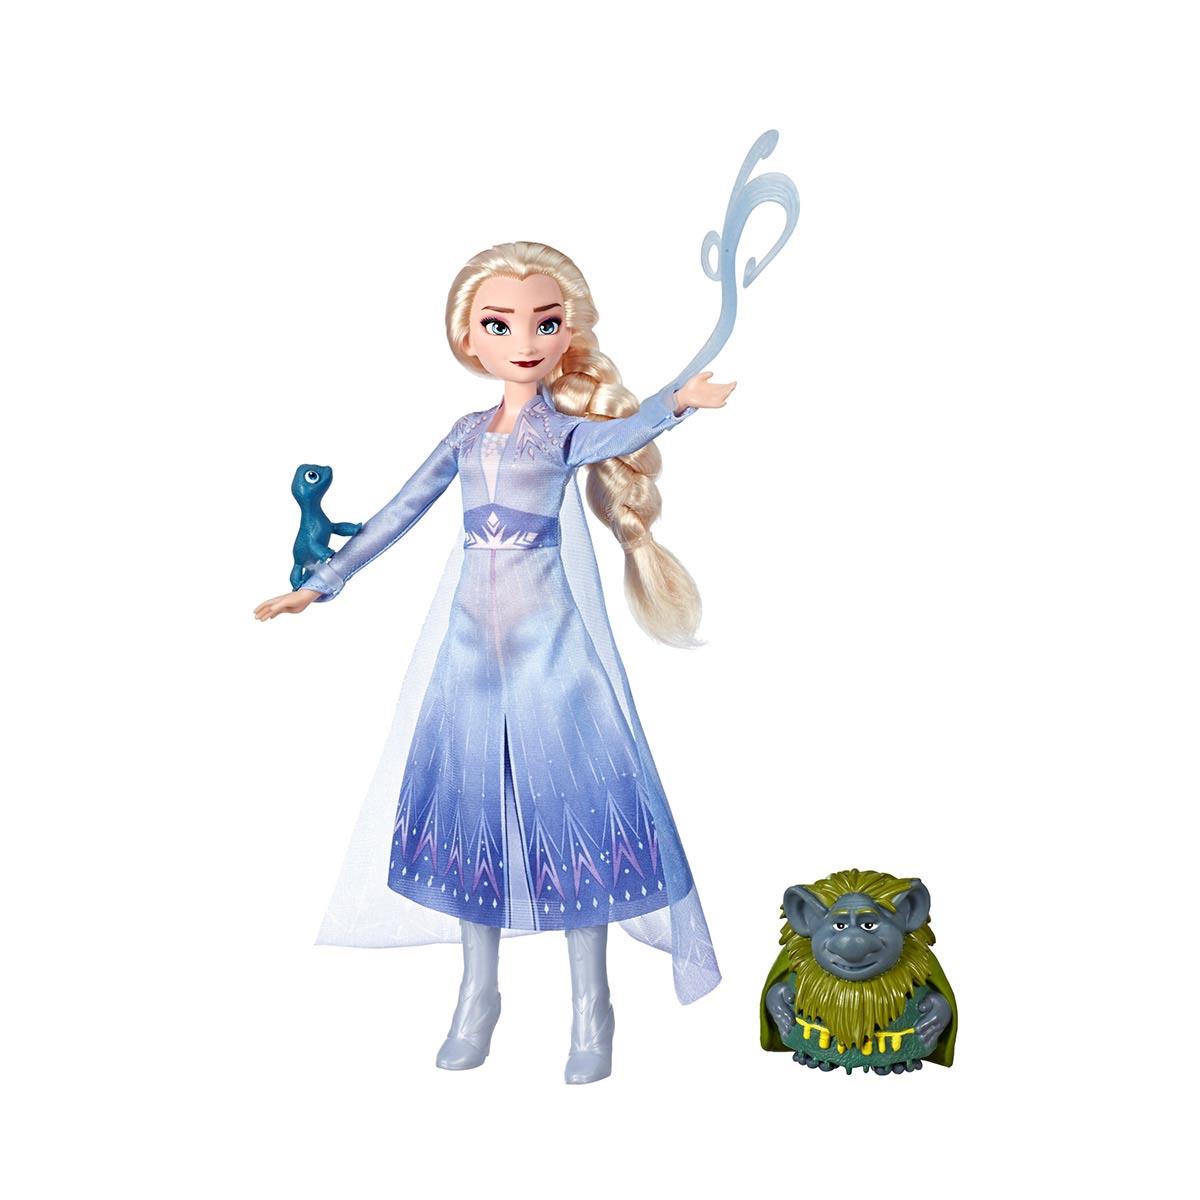 アナと雪の女王 グッズ ディズニー 人形 エルサ ファッション ドール プレイセット フィギュア